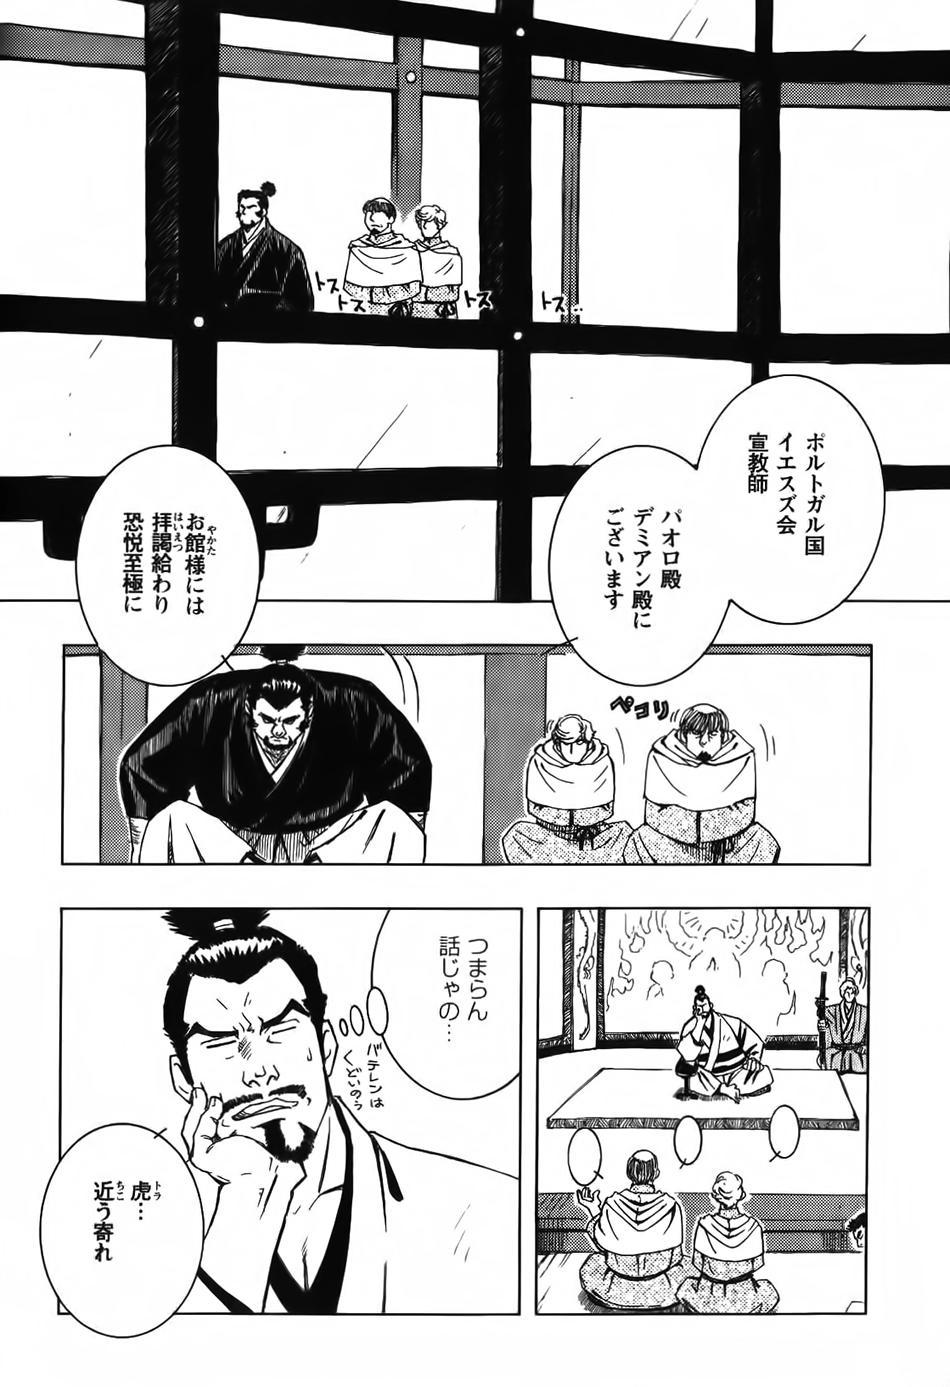 Nobunaga's lotion man 1